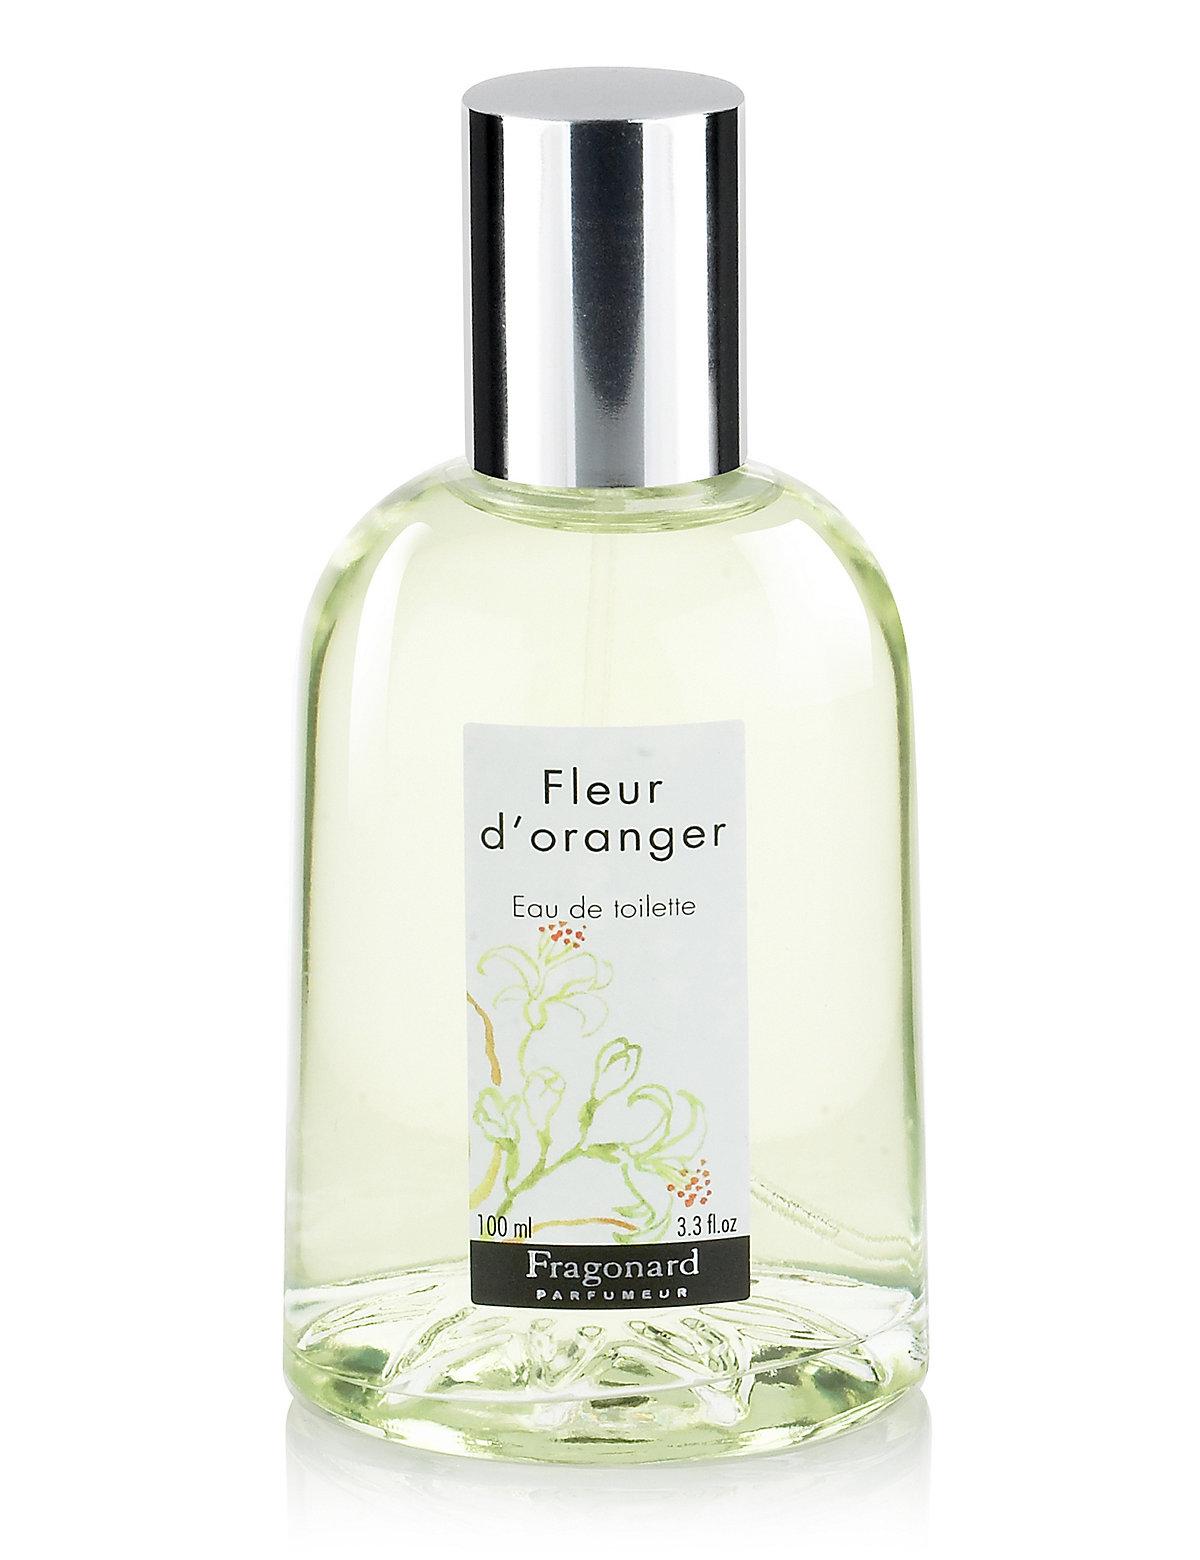 Fragonard Fleur d'Oranger Eau de Toilette 100ml